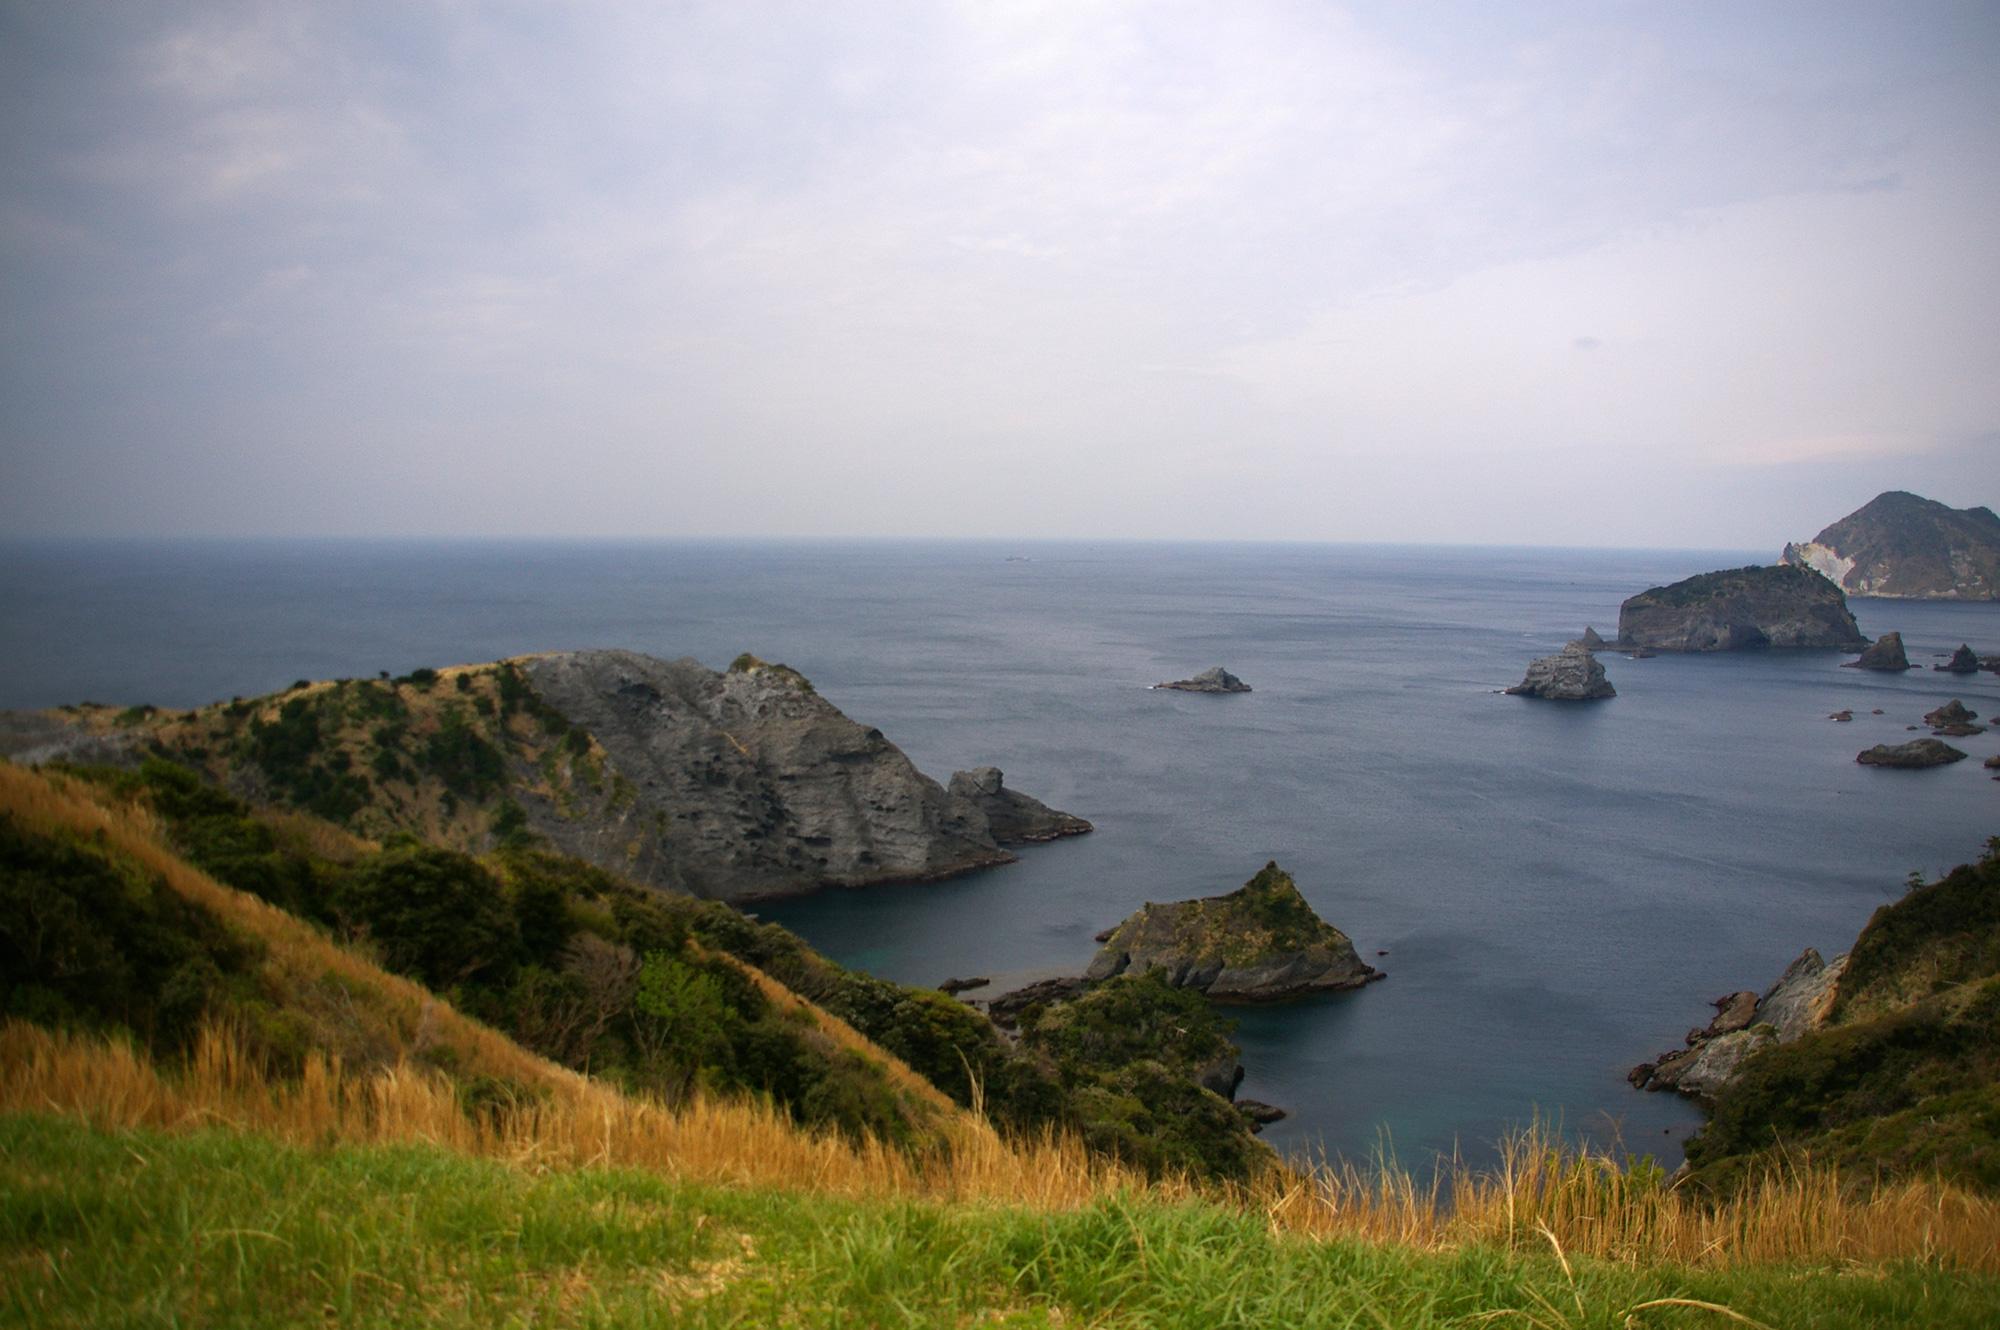 海に面した展望台からの景色の写真素材